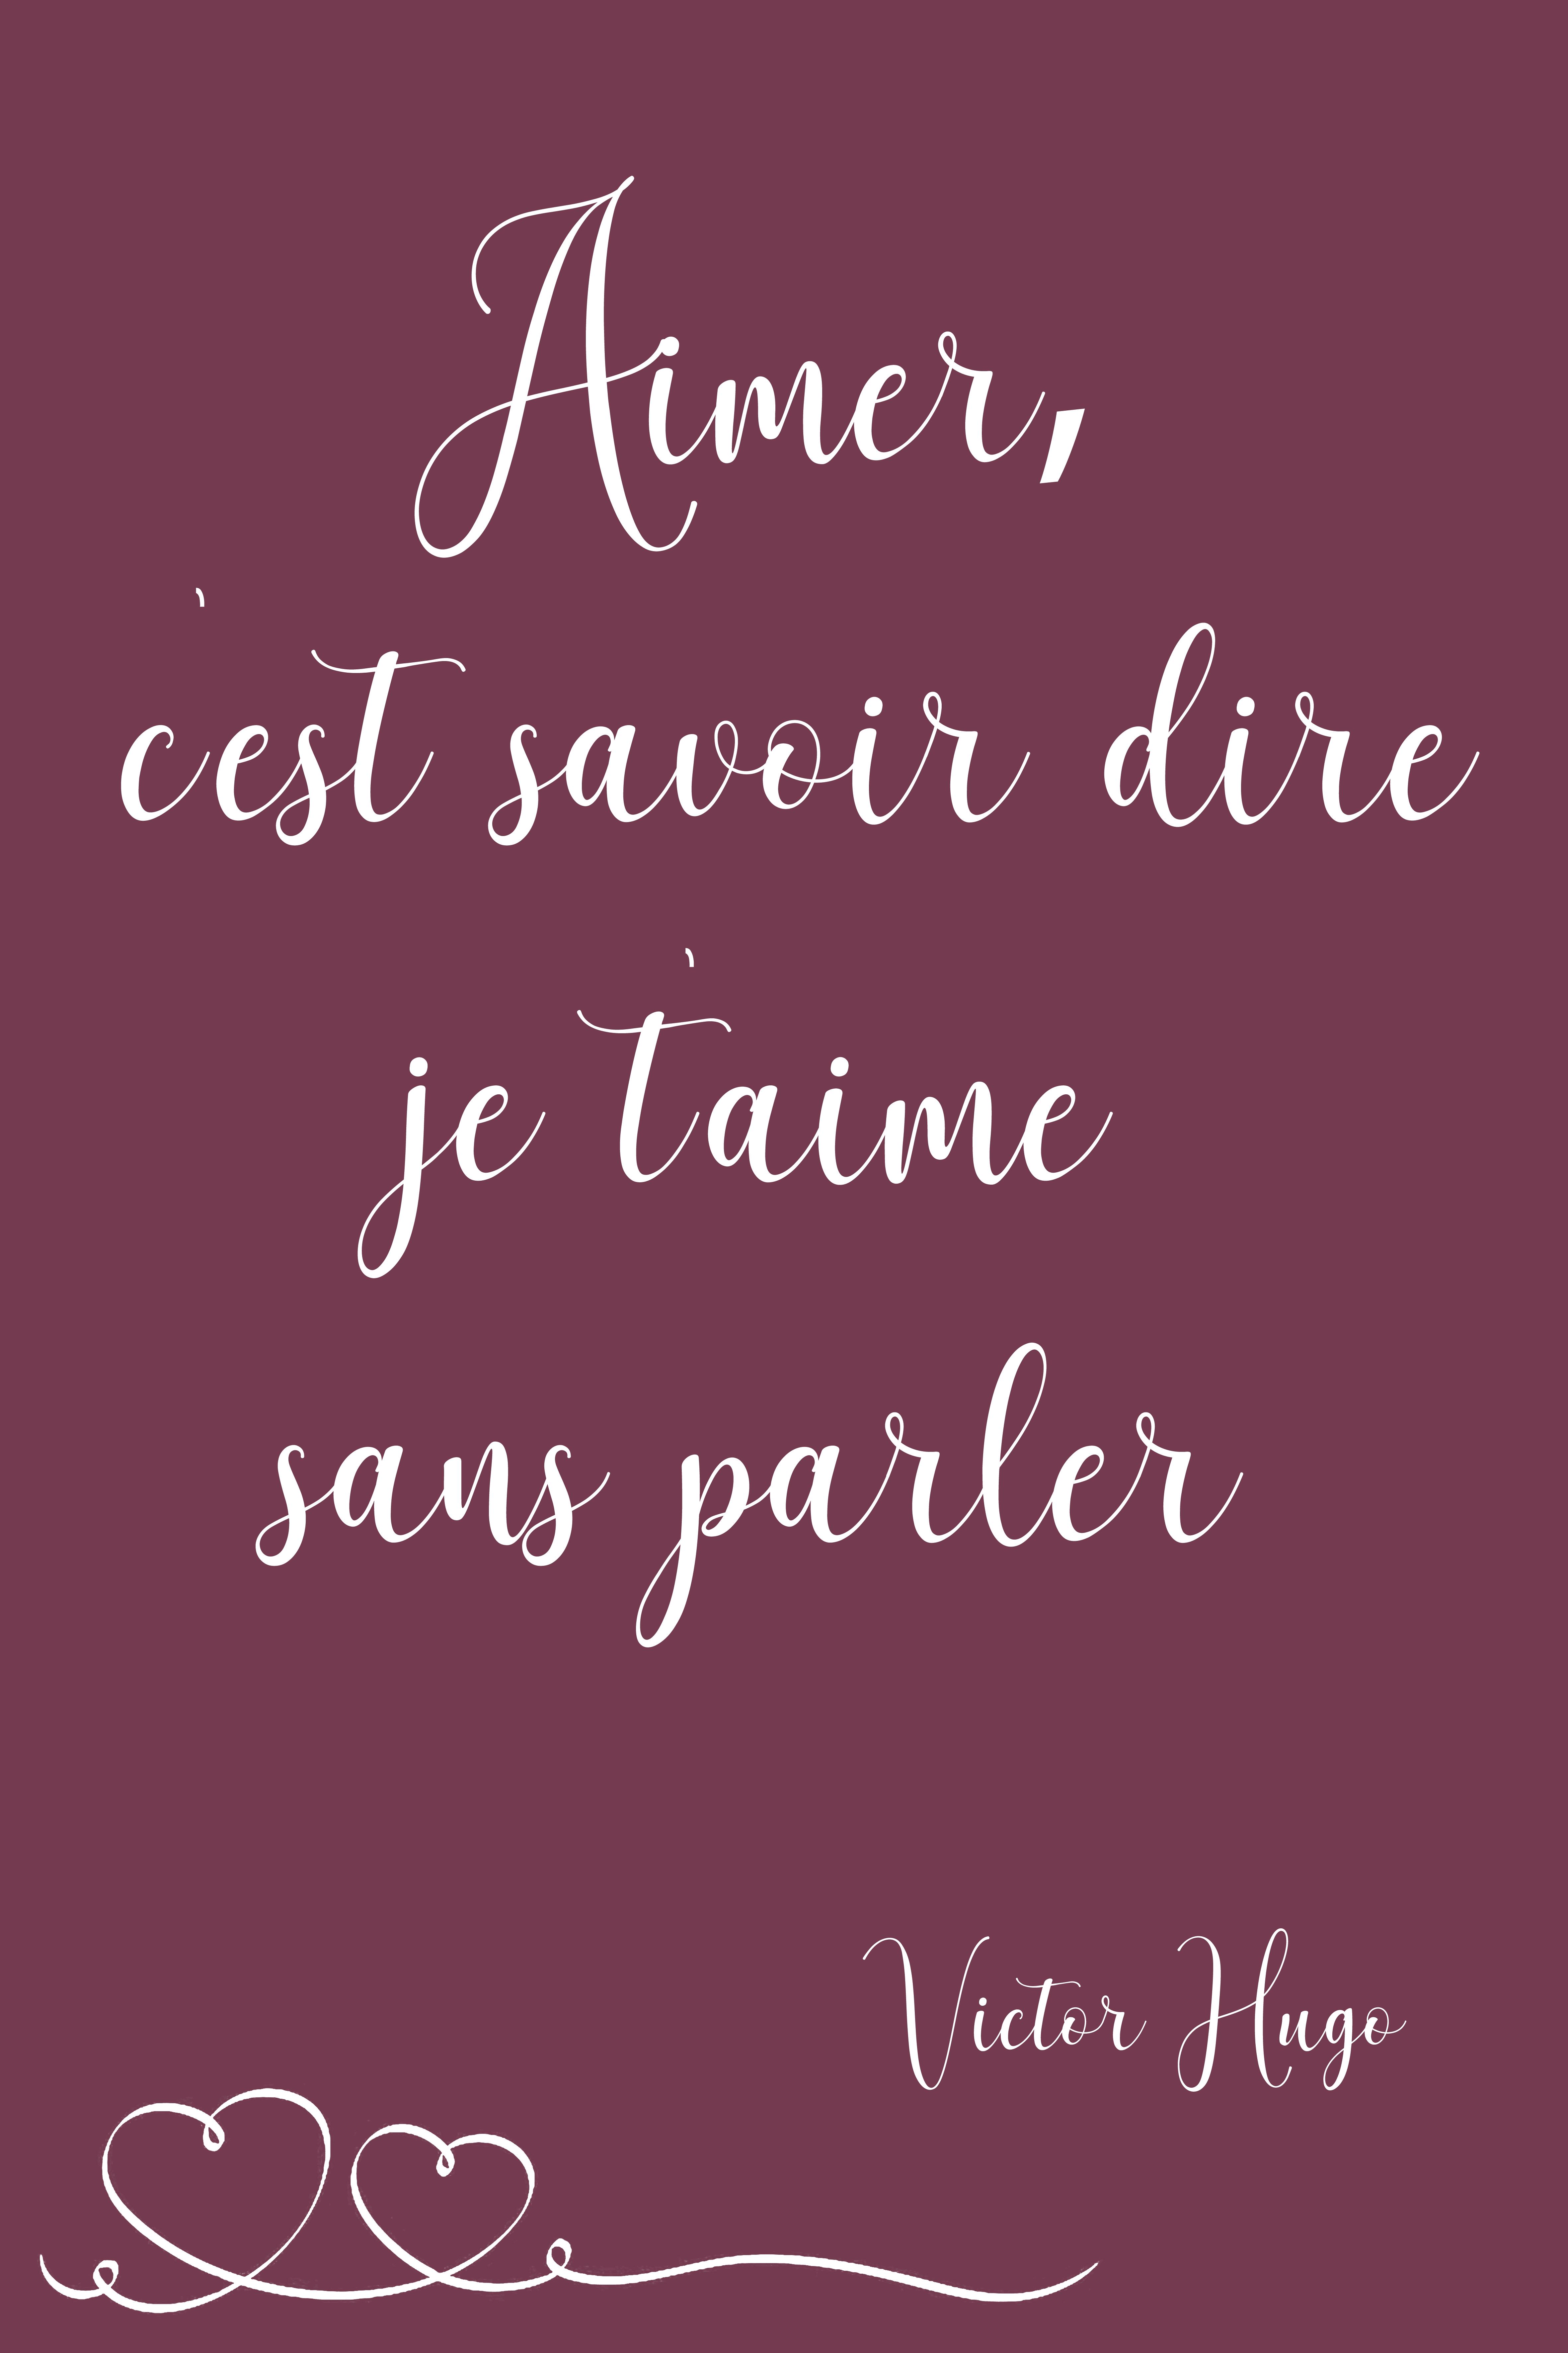 Citation Amour Aimer Cest Savoir Dire Je Taime Sans Parler Victor Hugo